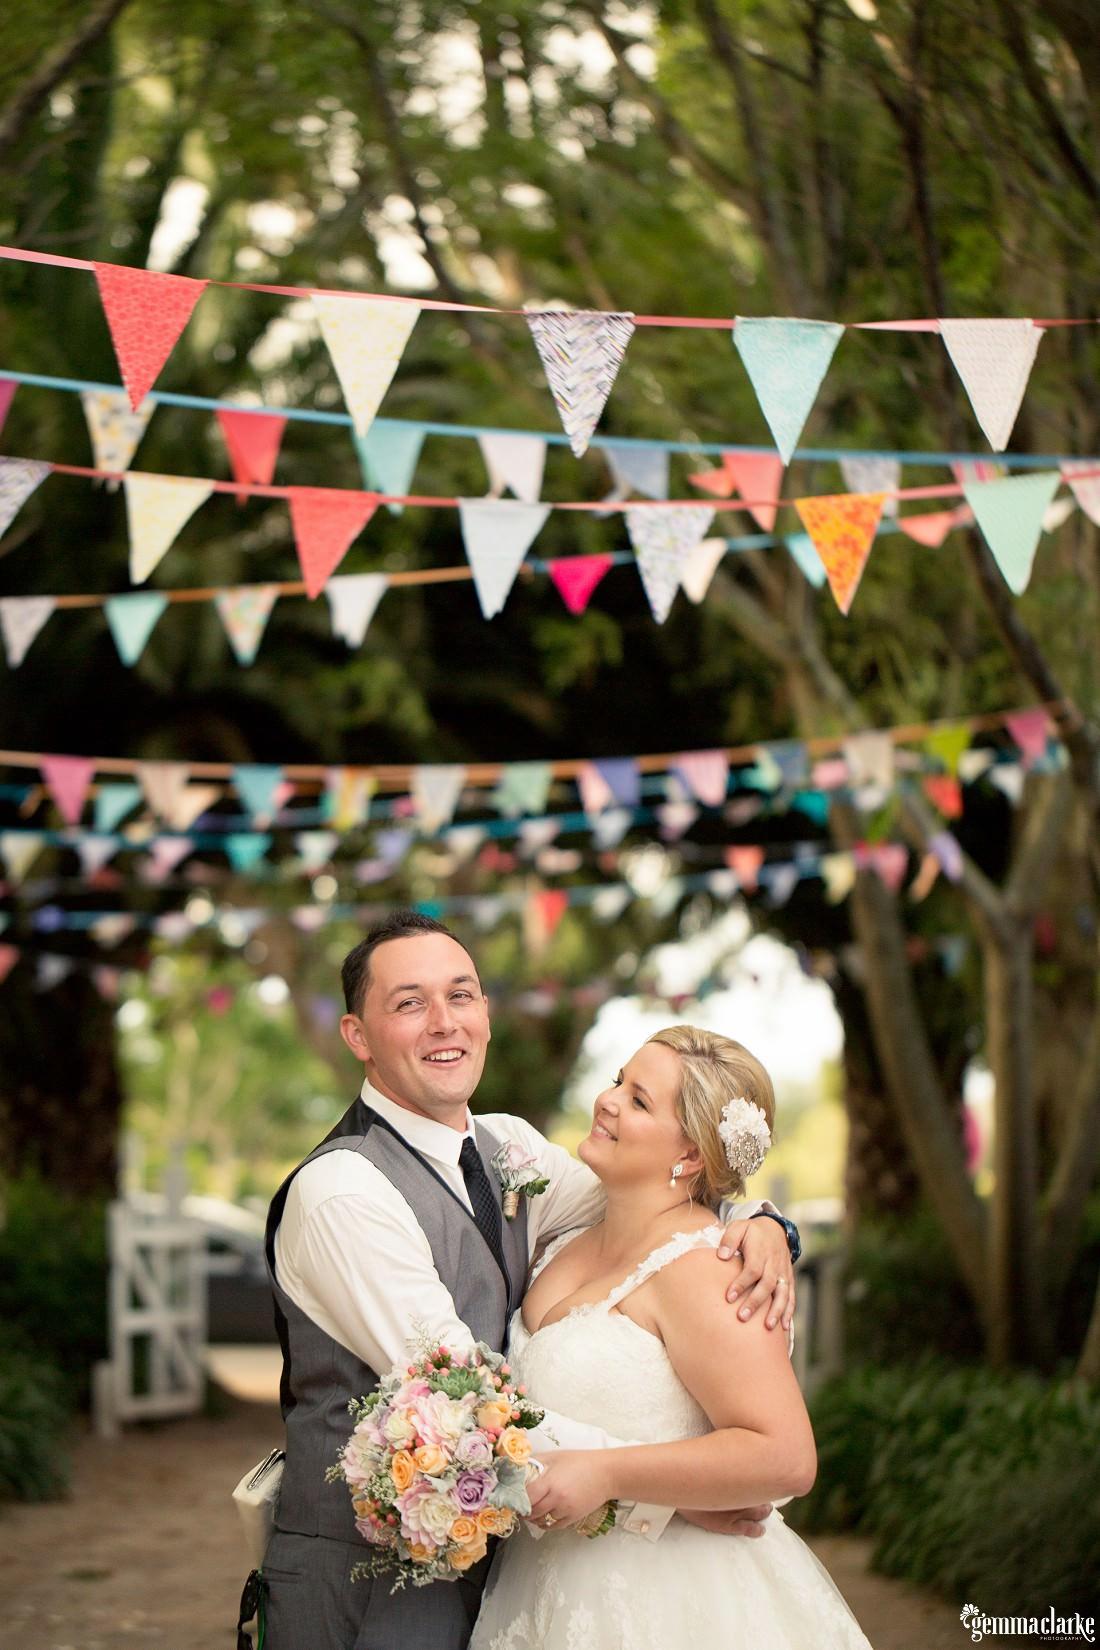 gemmaclarkephotography_meribee-wedding_south-coast-wedding_samantha-and-luke_0068